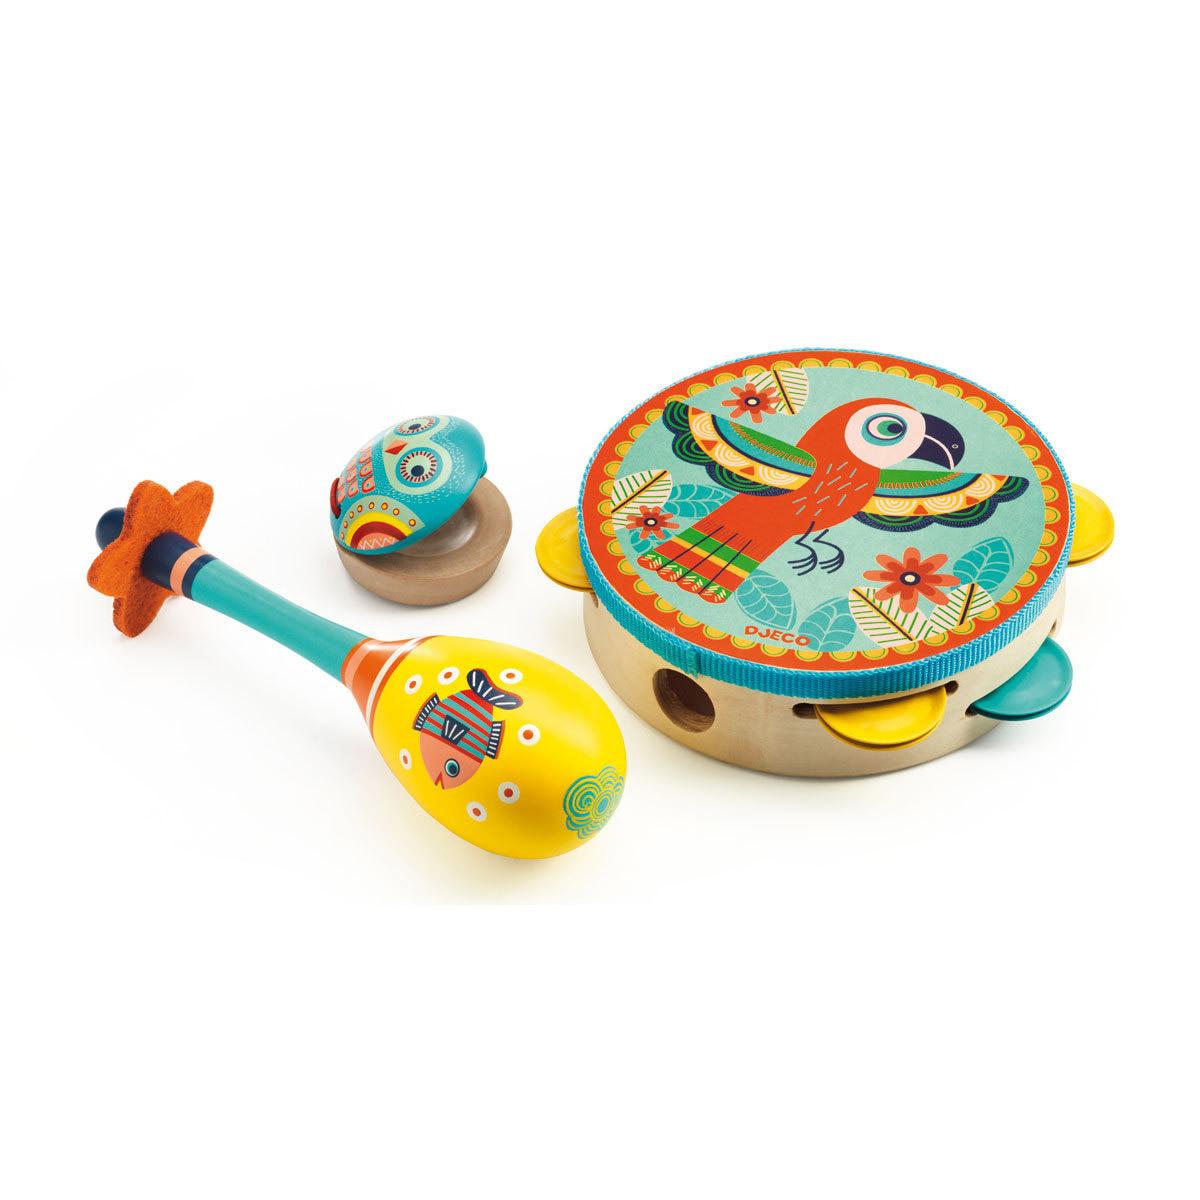 Mes premiers jouets Set de 3 Instruments Tambourin Maracas Castagnettes Set de 3 Instruments Tambourin Maracas Castagnettes